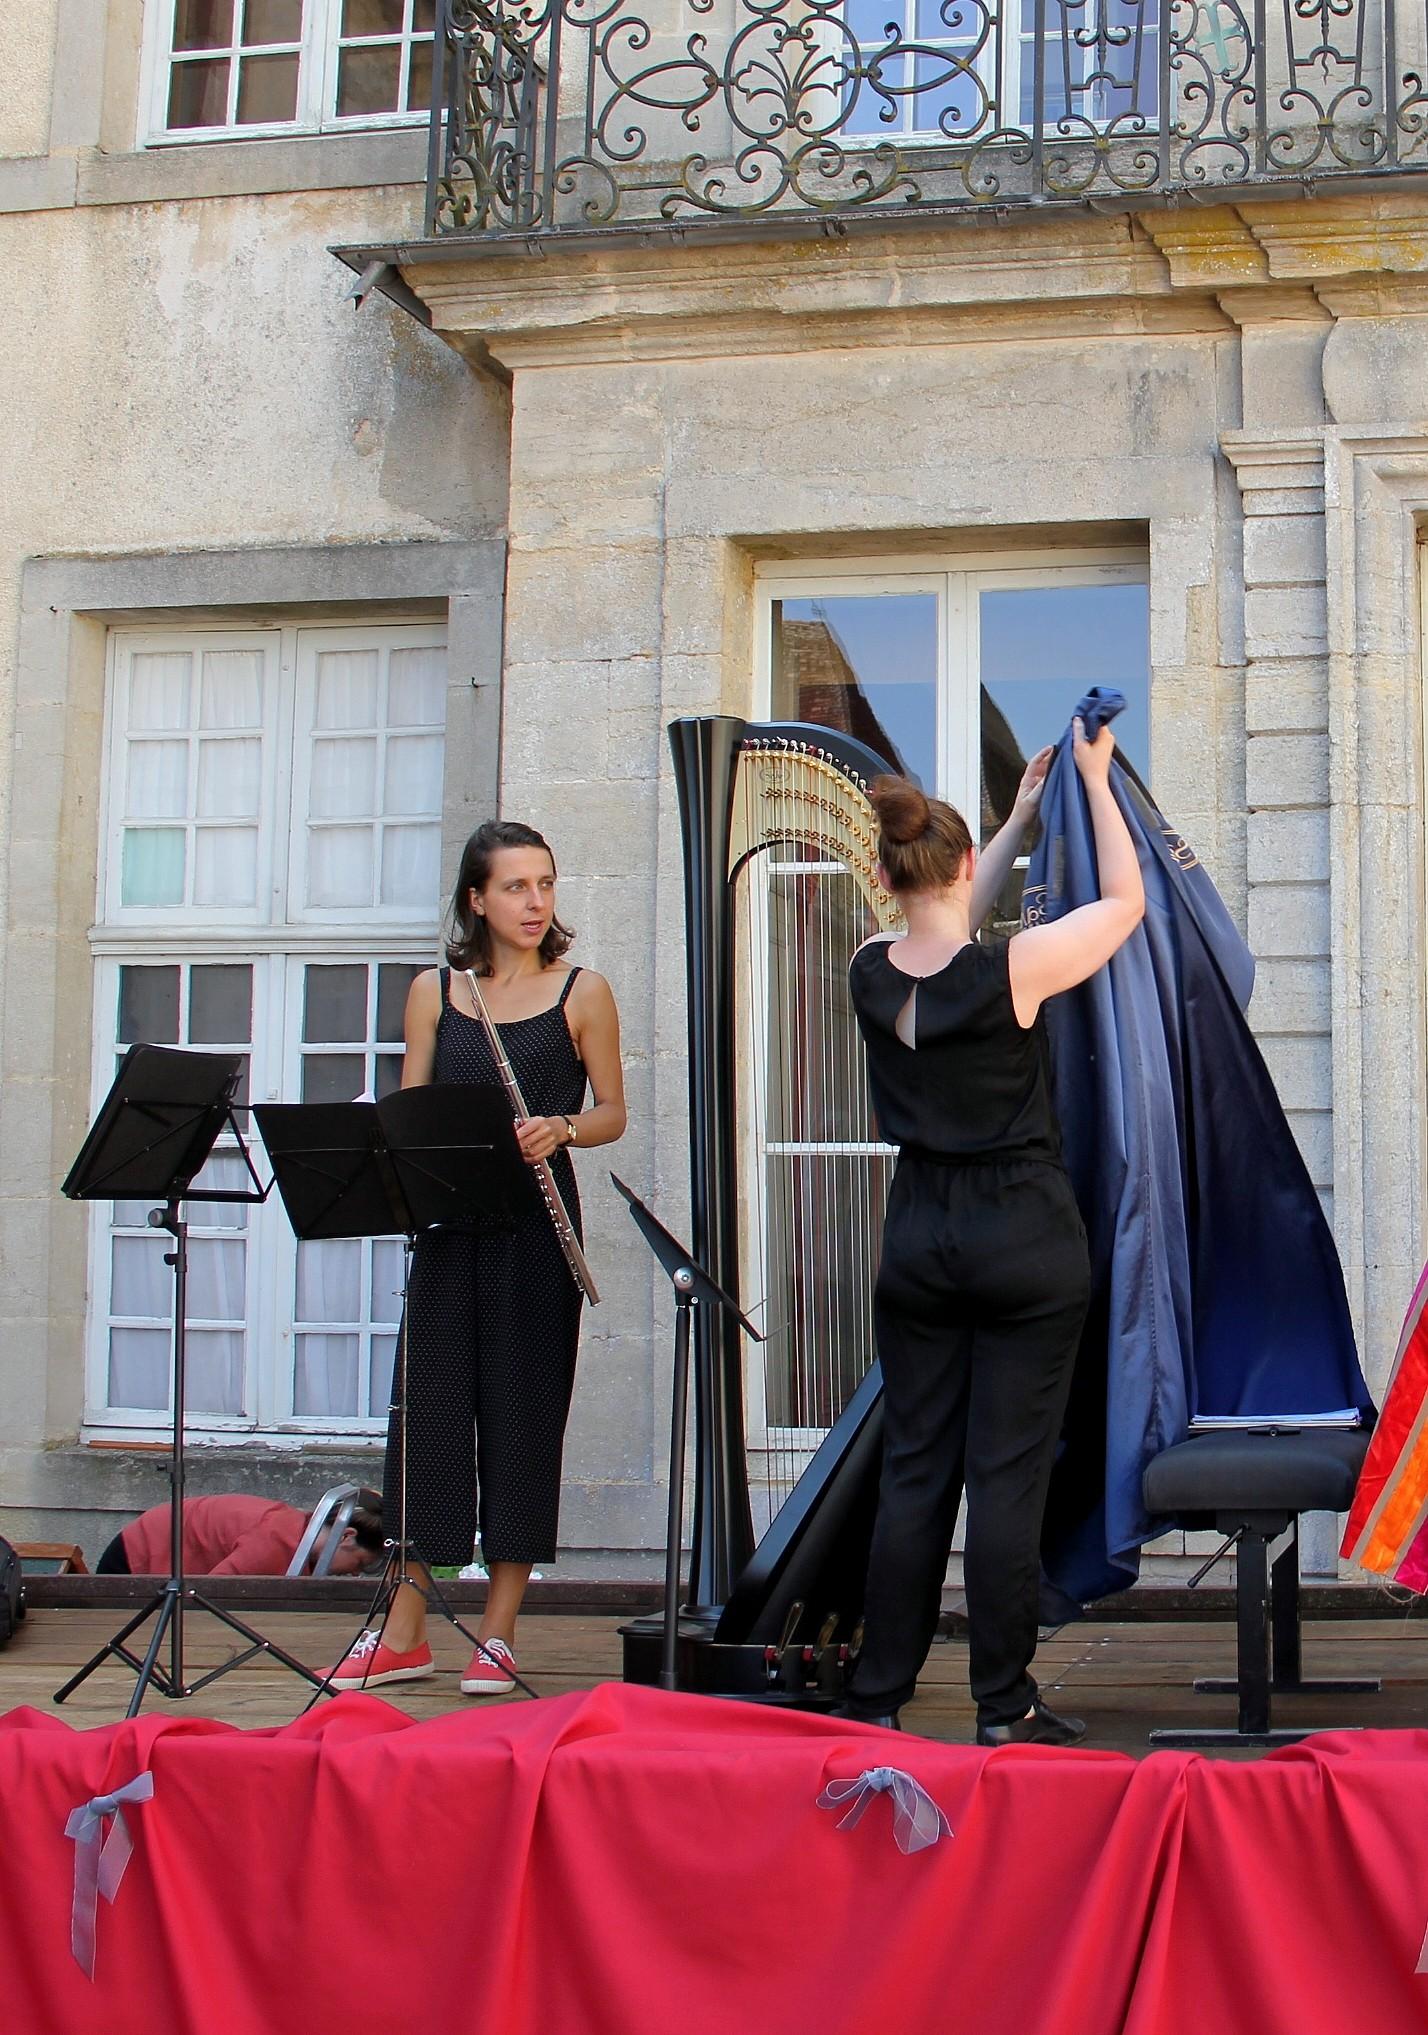 Le Trio Zerline s'installe sur scène. Joanna découvre la harpe